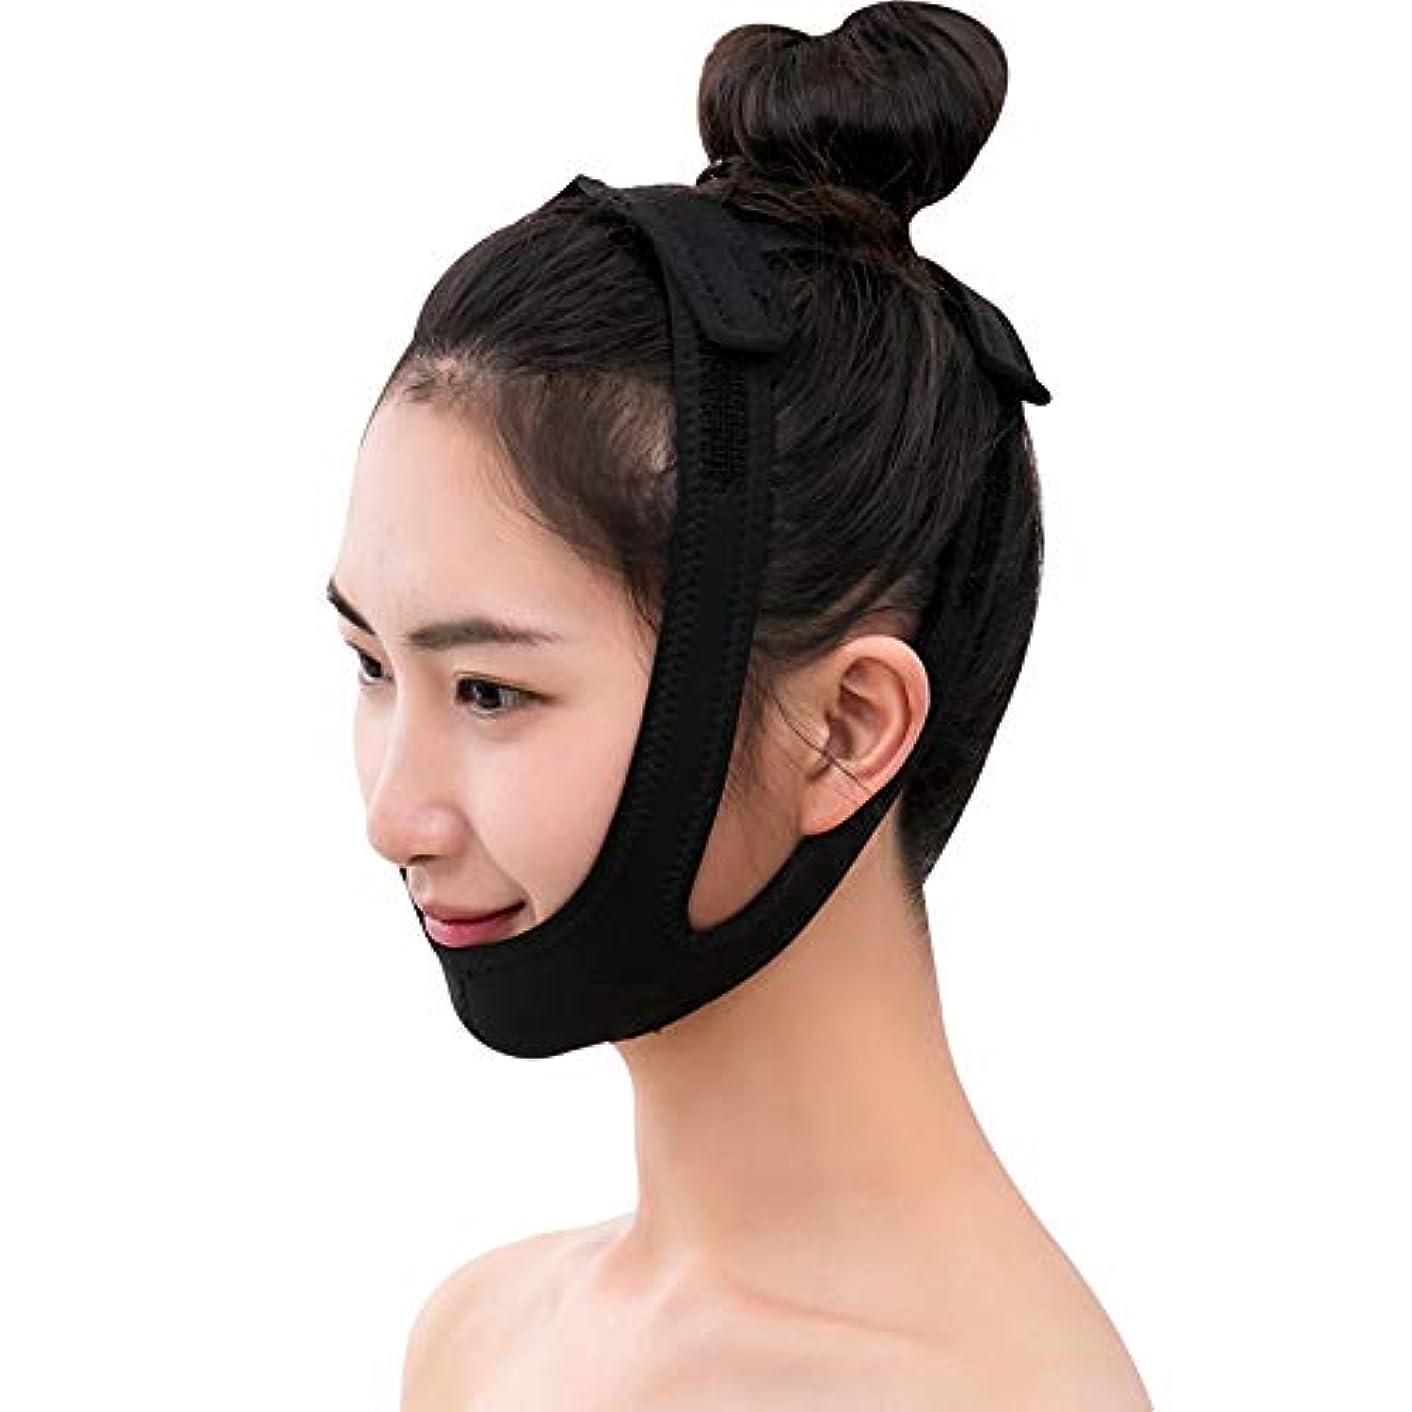 少なくともマカダム同化するフェイスリフトベルト 薄いフェイスバンド - 薄い顔の包帯ビューティーインストゥルメントフェイシャルリフト睡眠マスク法Vフェイスマスクの通気性を作る